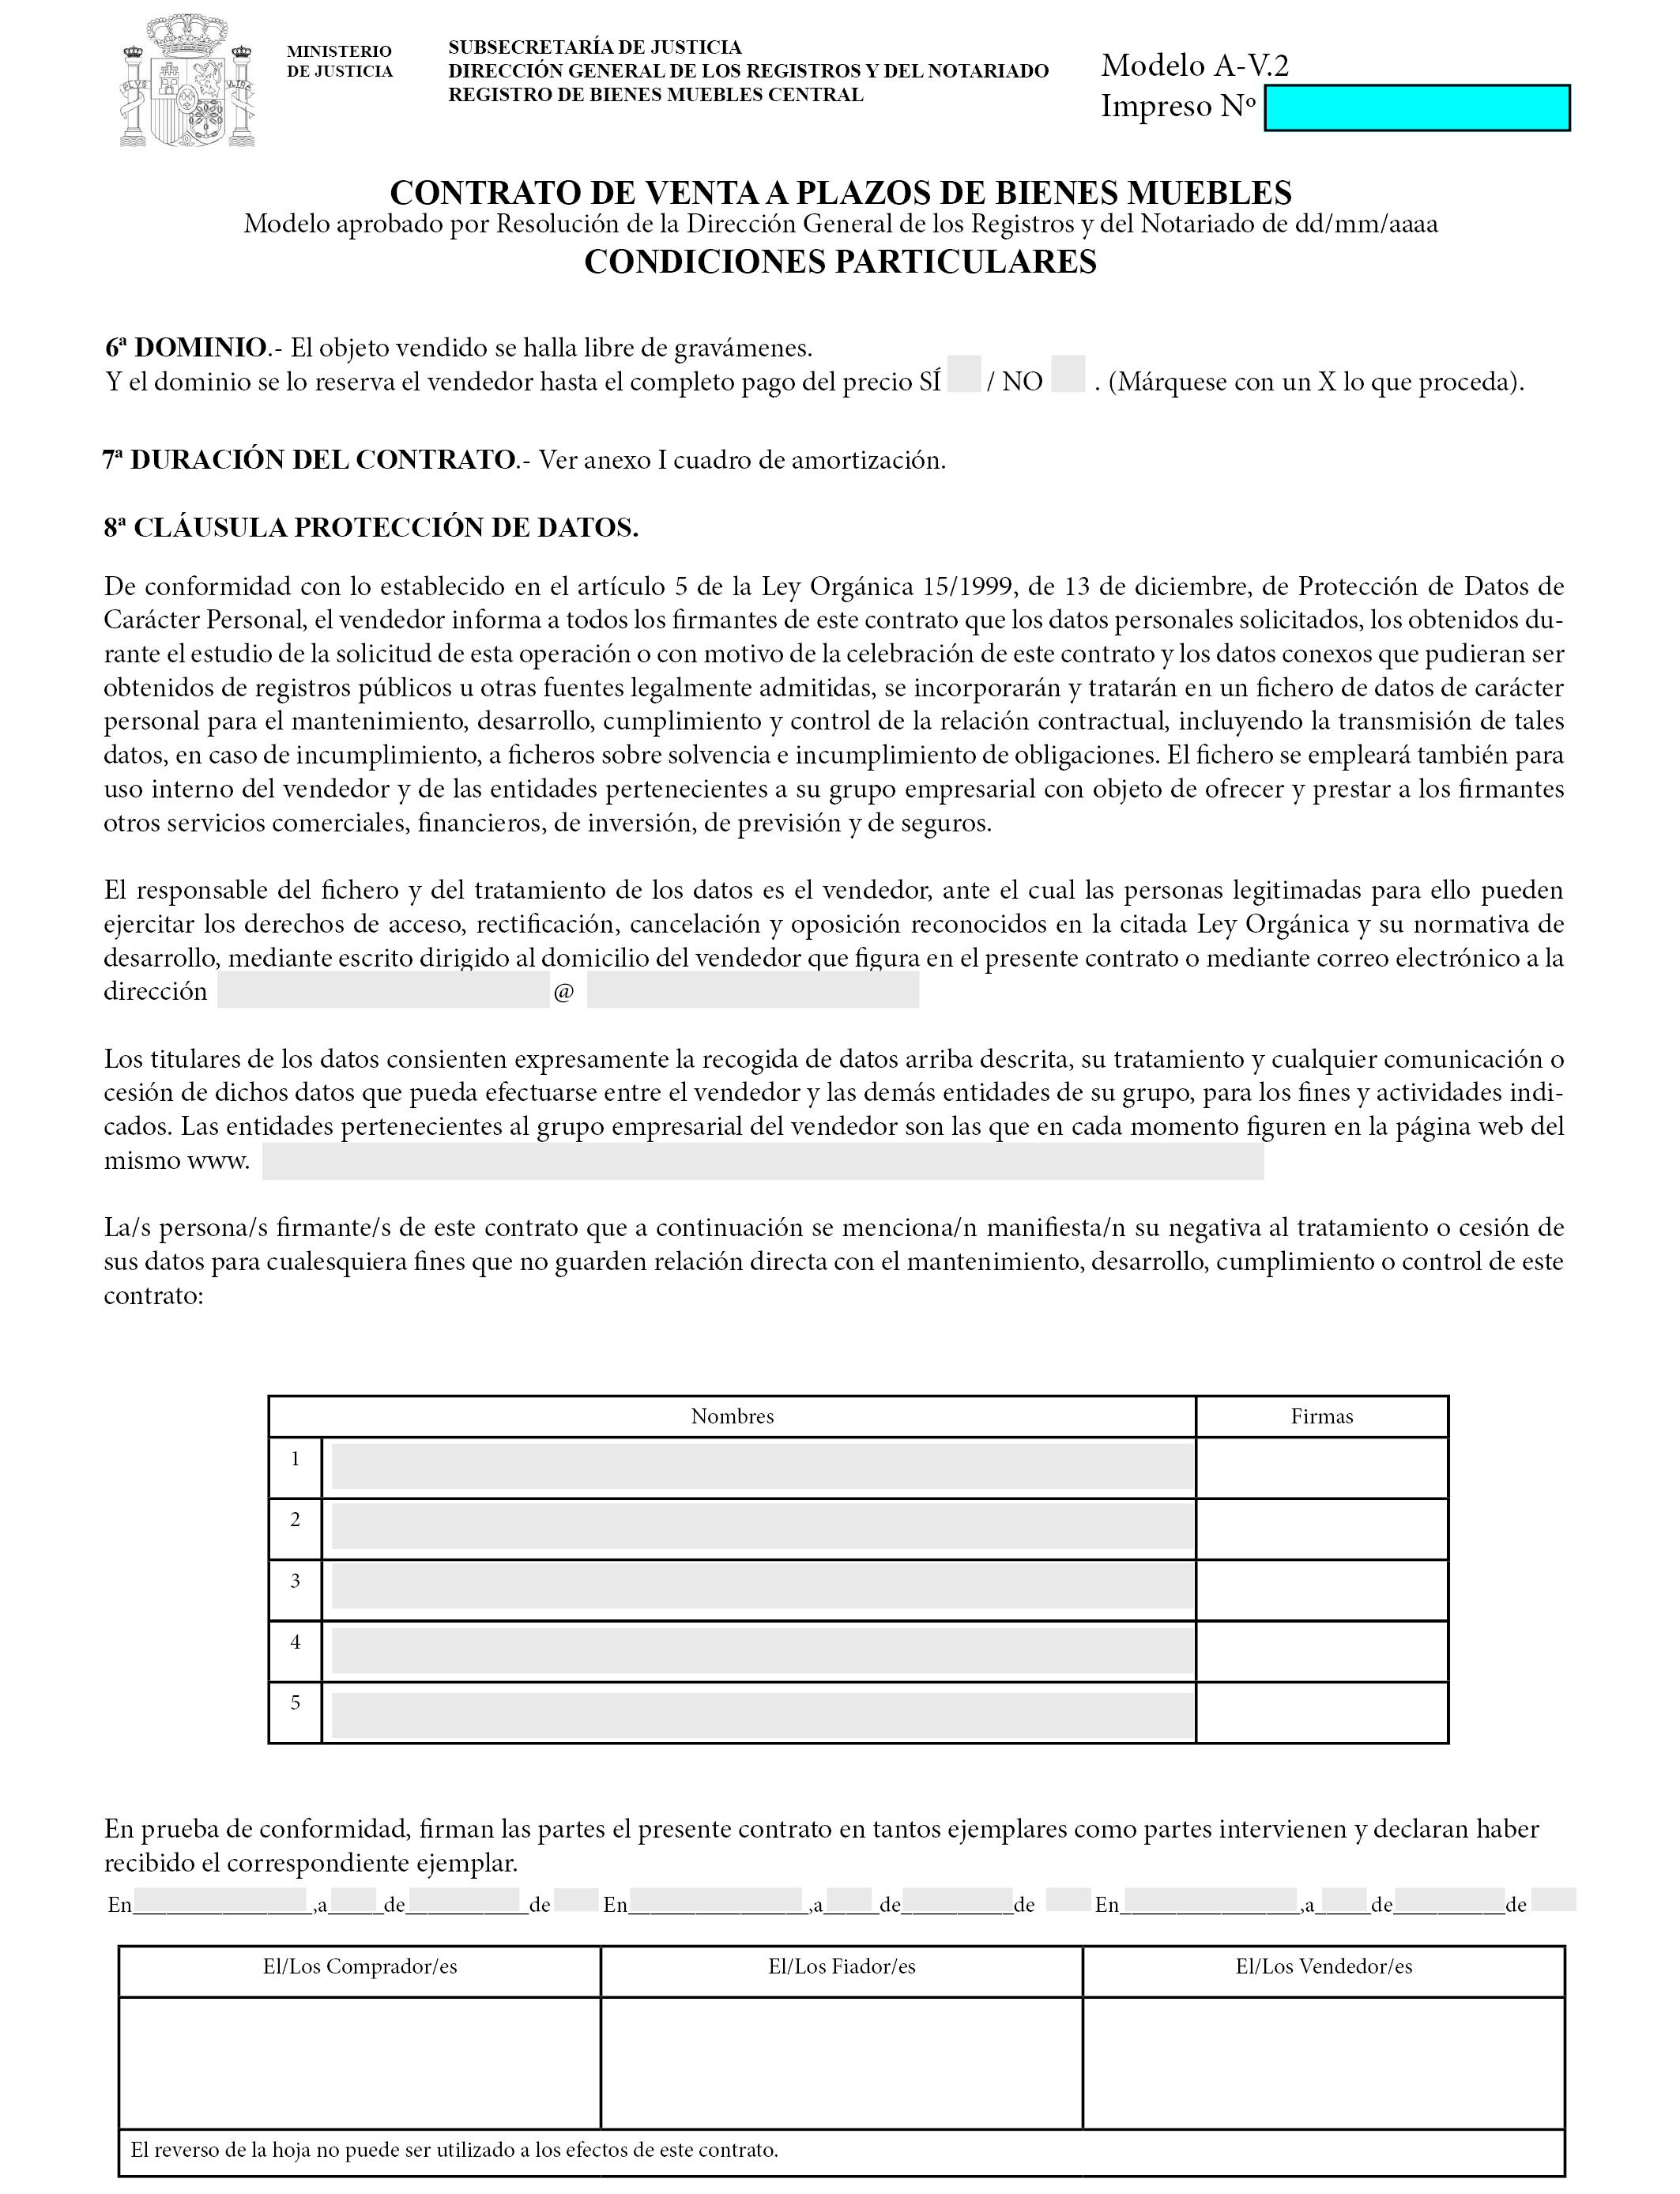 Documento boe a 2017 2761 for Registro de bienes muebles de valencia